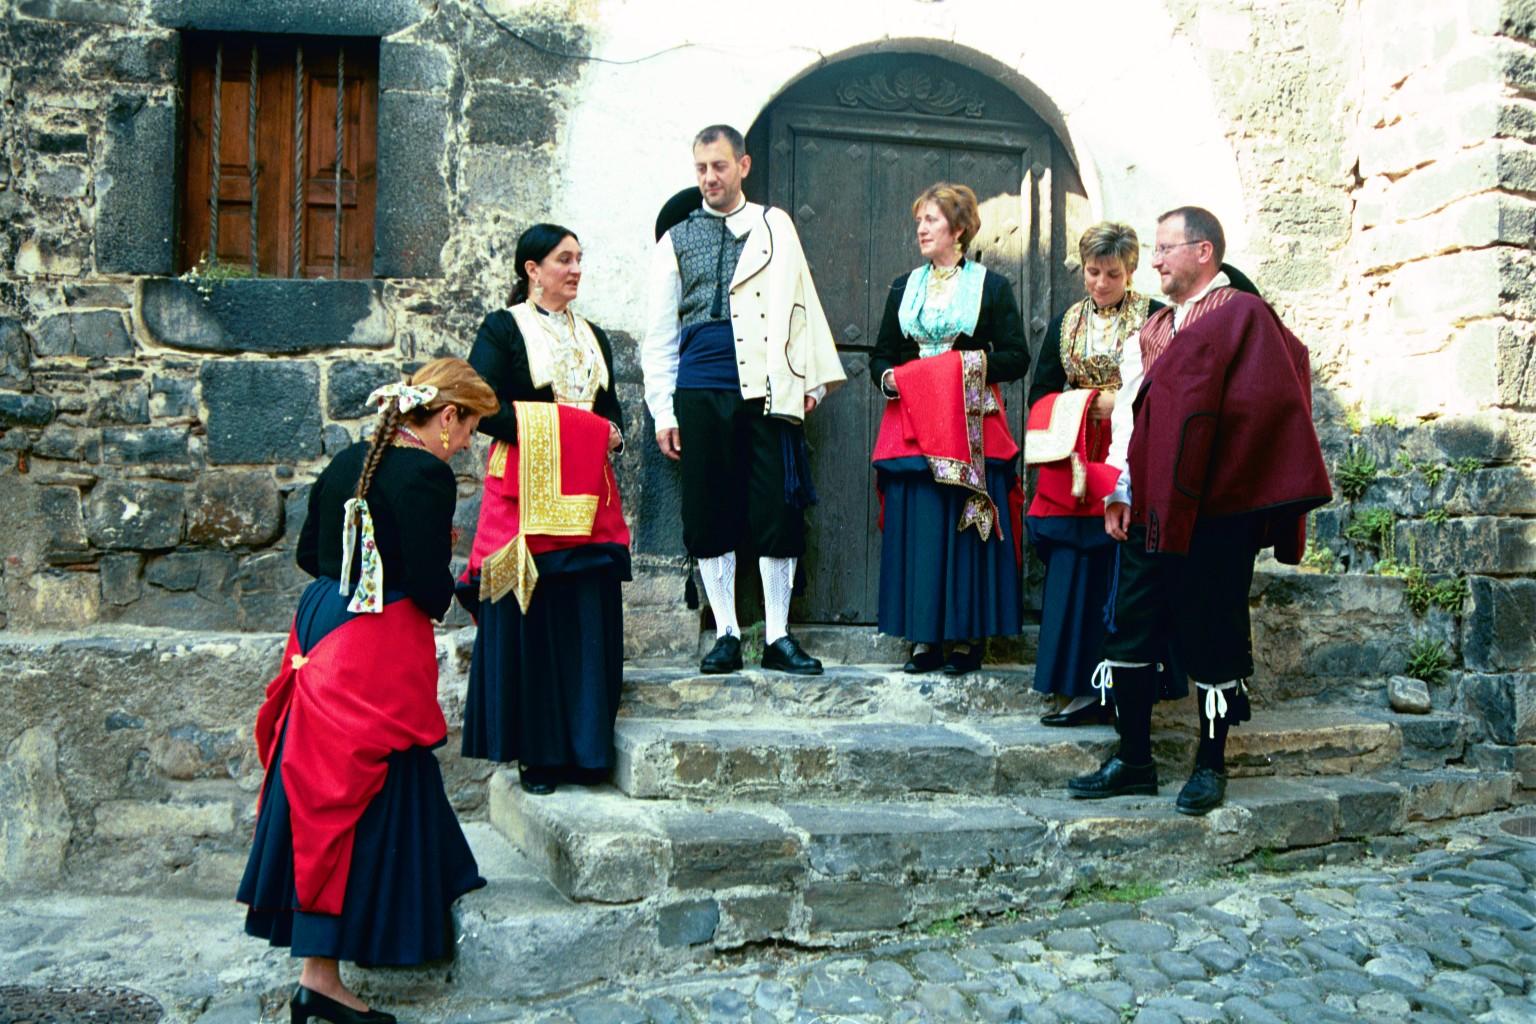 Procurando conocer algo más acerca de los trajes típicos del territorio  histórico de Nafarroa 310d2f493e62